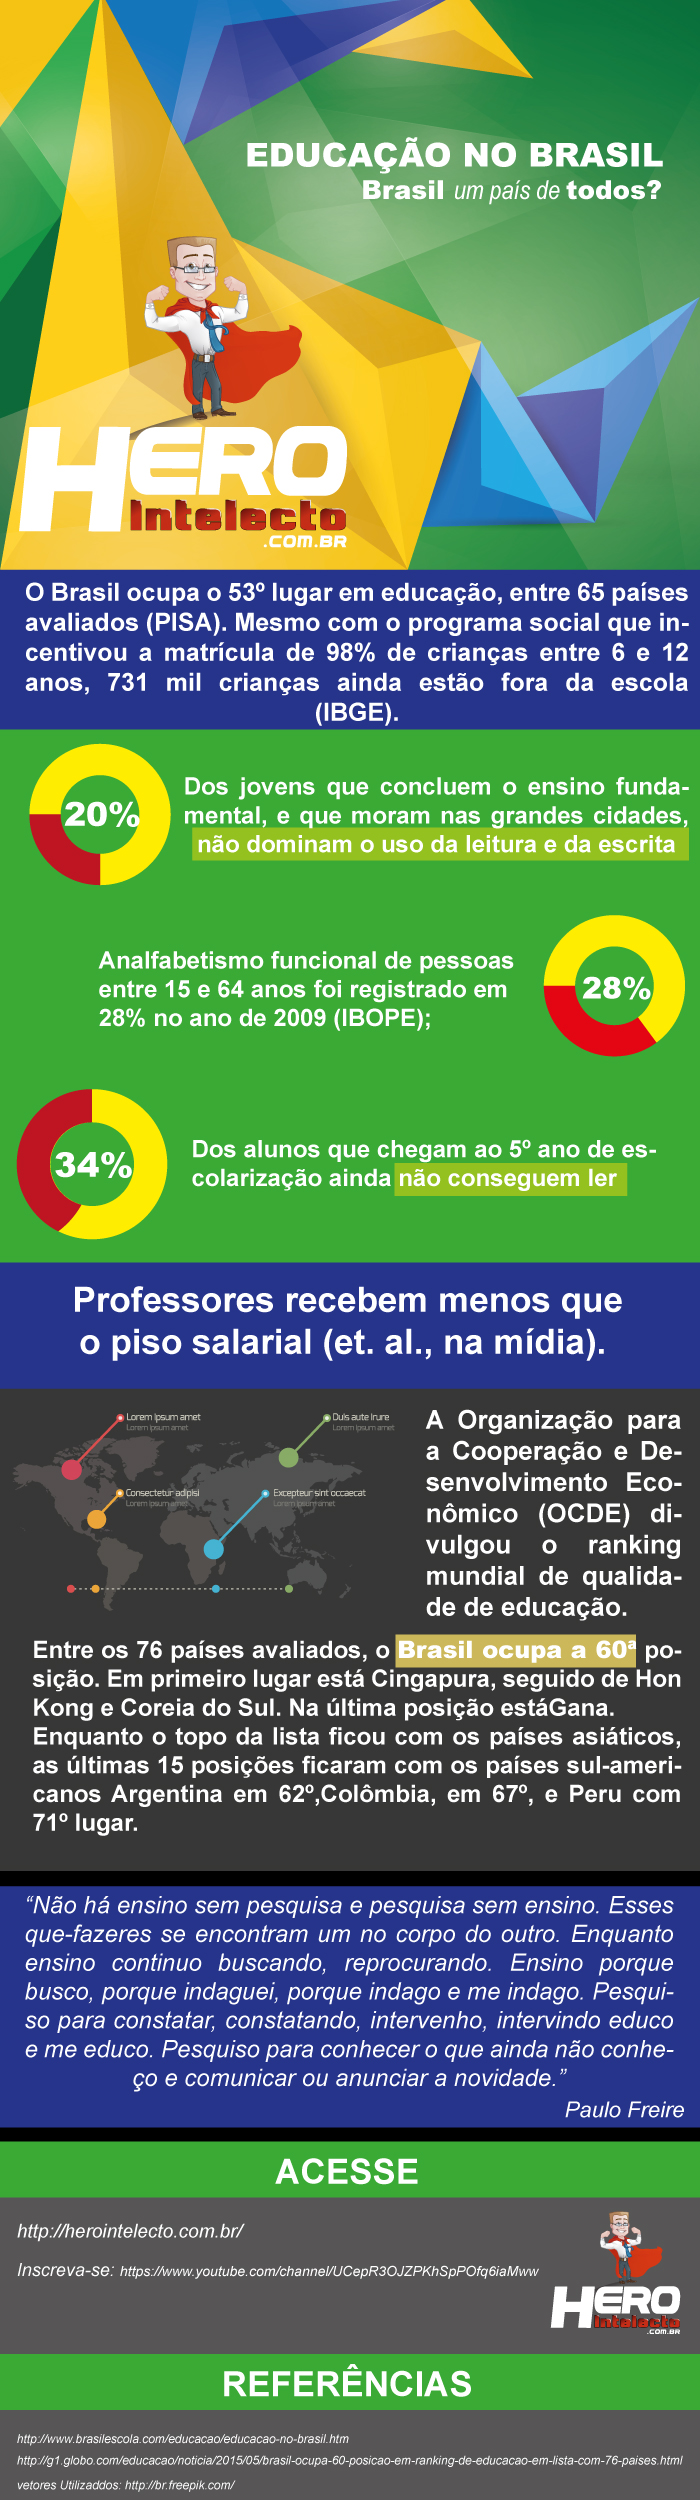 Infográfico com dados sobre a educação no Brasil!